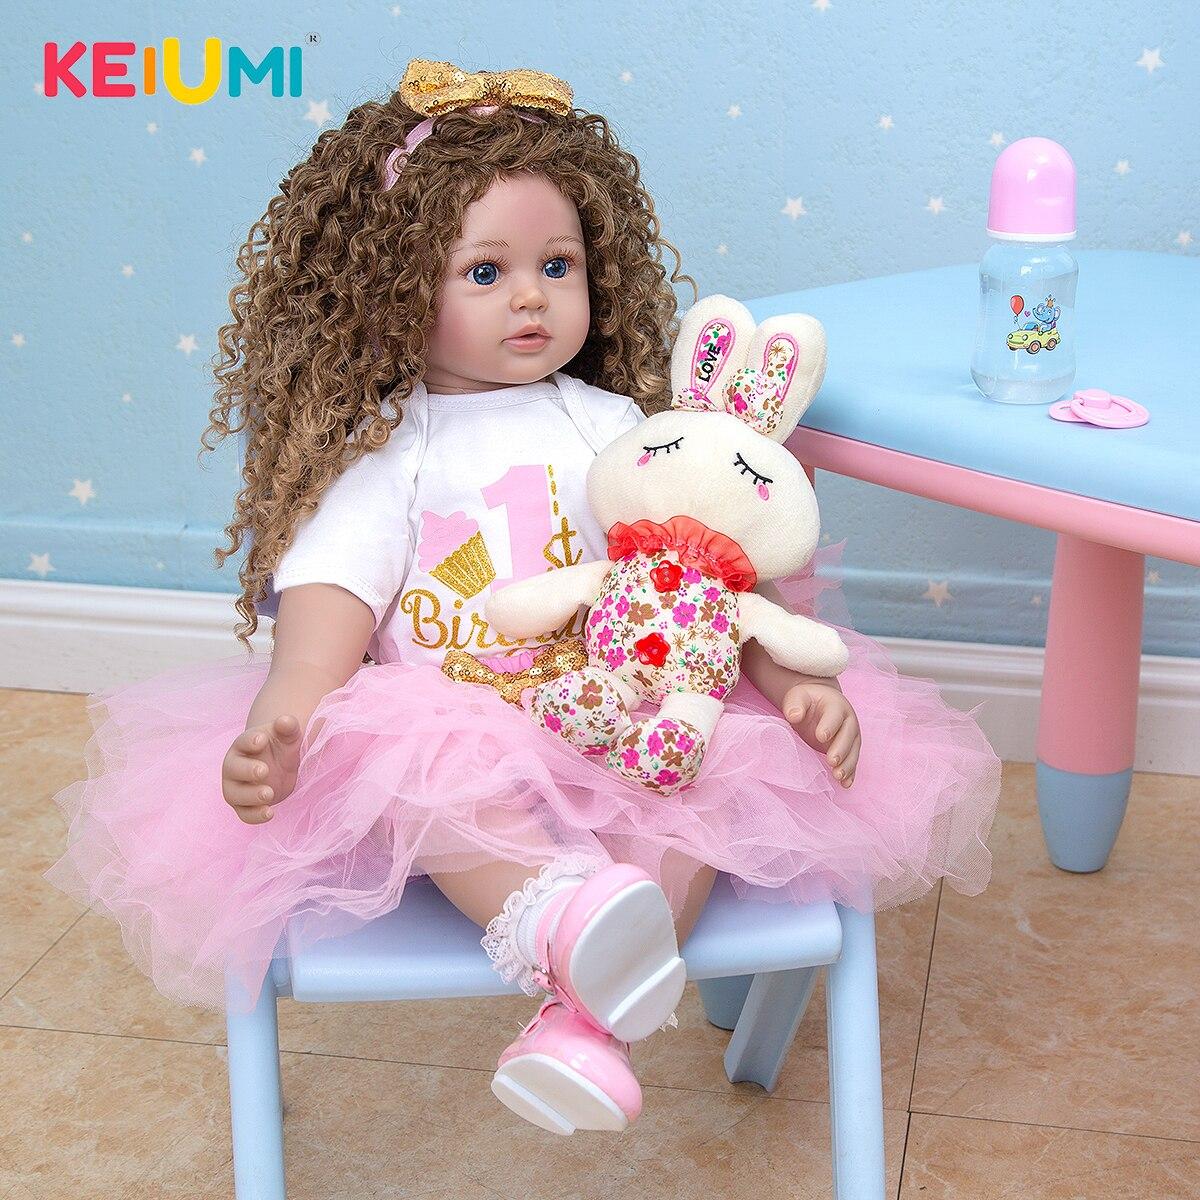 Новое поступление 60 см Reborn Menina длинные волосы реалистичные Мягкий силиконовый новорожденных Boneca игрушки для детей на день рождения, подаро...